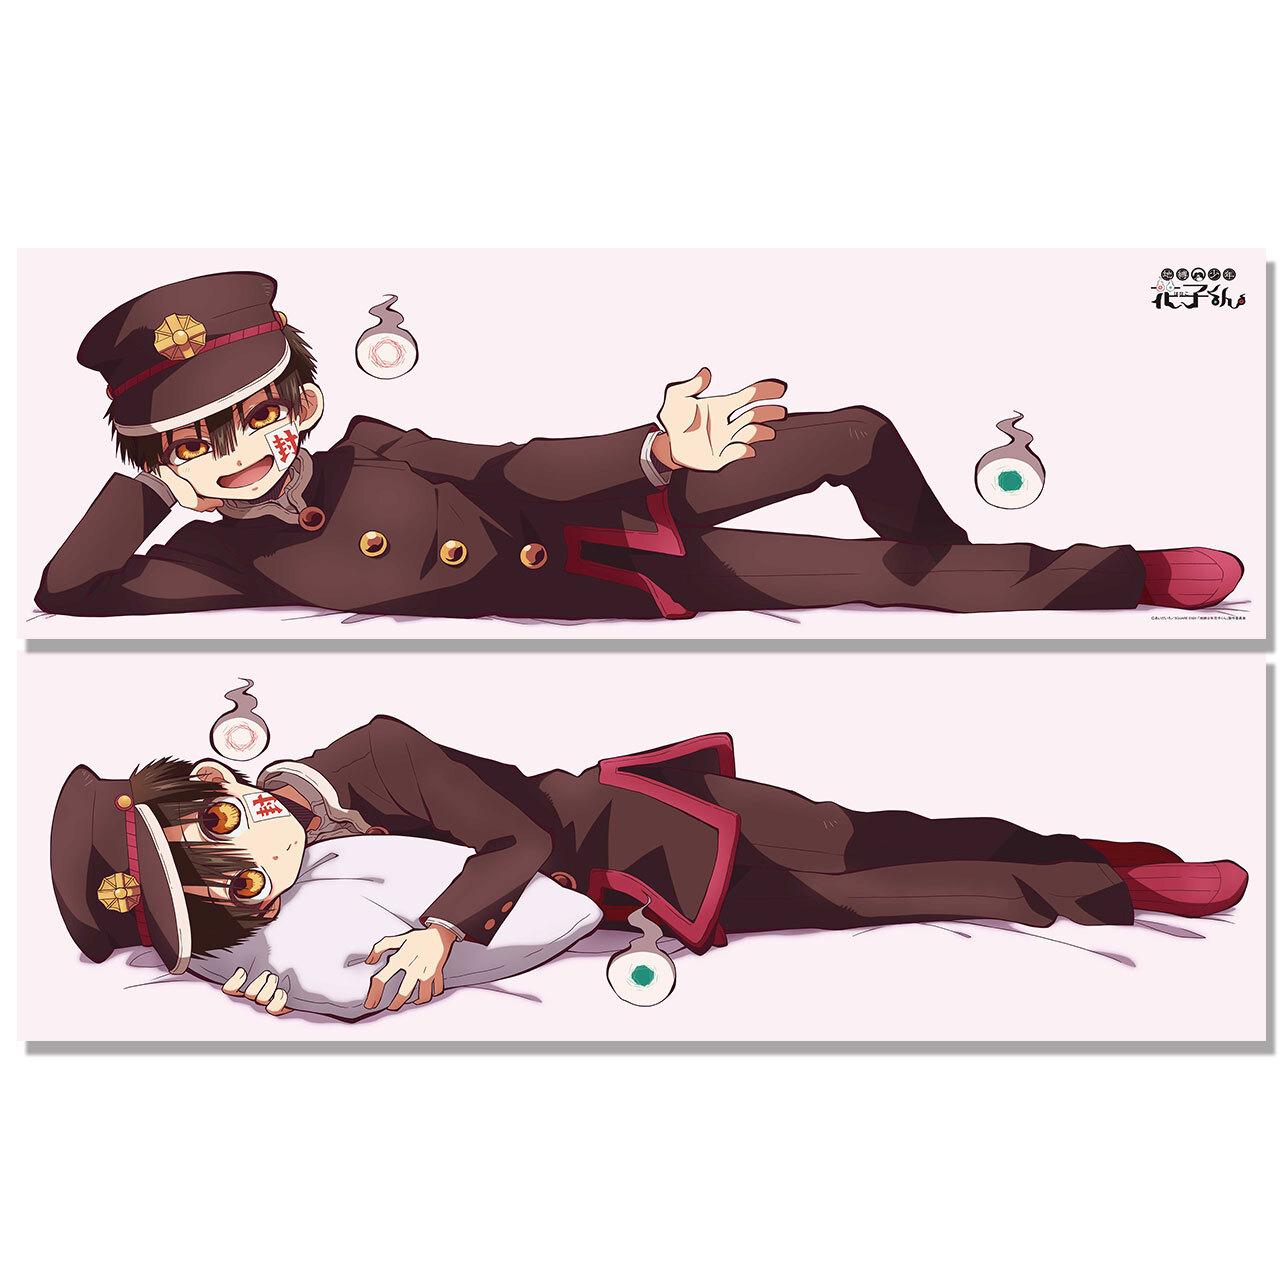 【4589839353427後】地縛少年花子くん 【描き下ろし】花子くんスムース抱き枕カバー